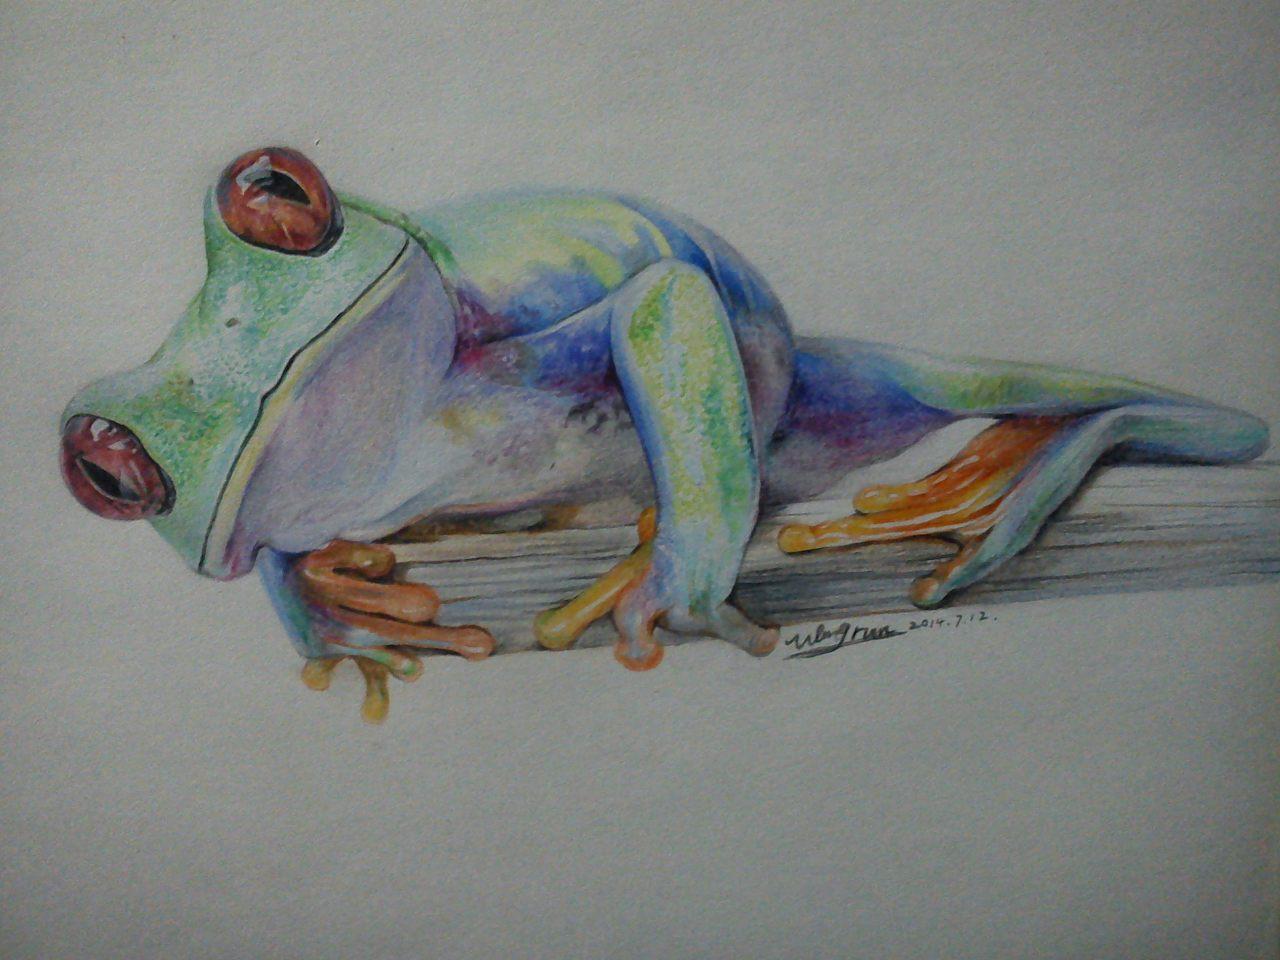 纸上彩铅手绘——《蛙》